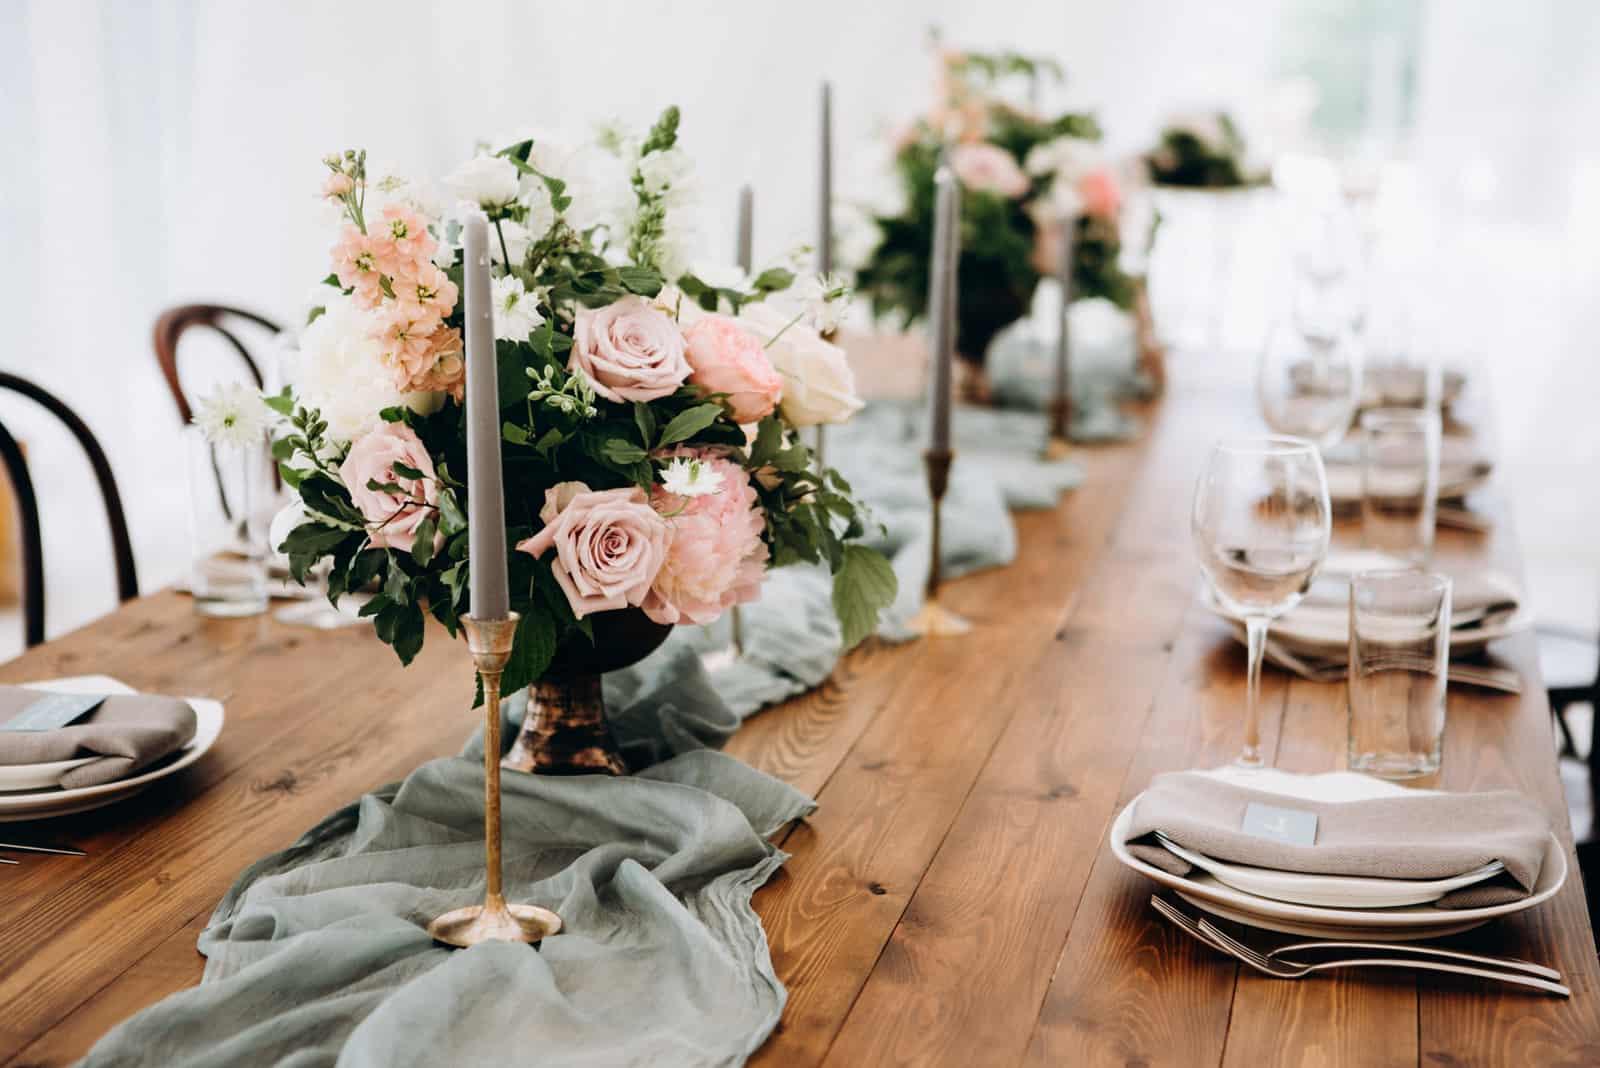 Hochzeit Tischdekoration mit Blumen und Kerzen